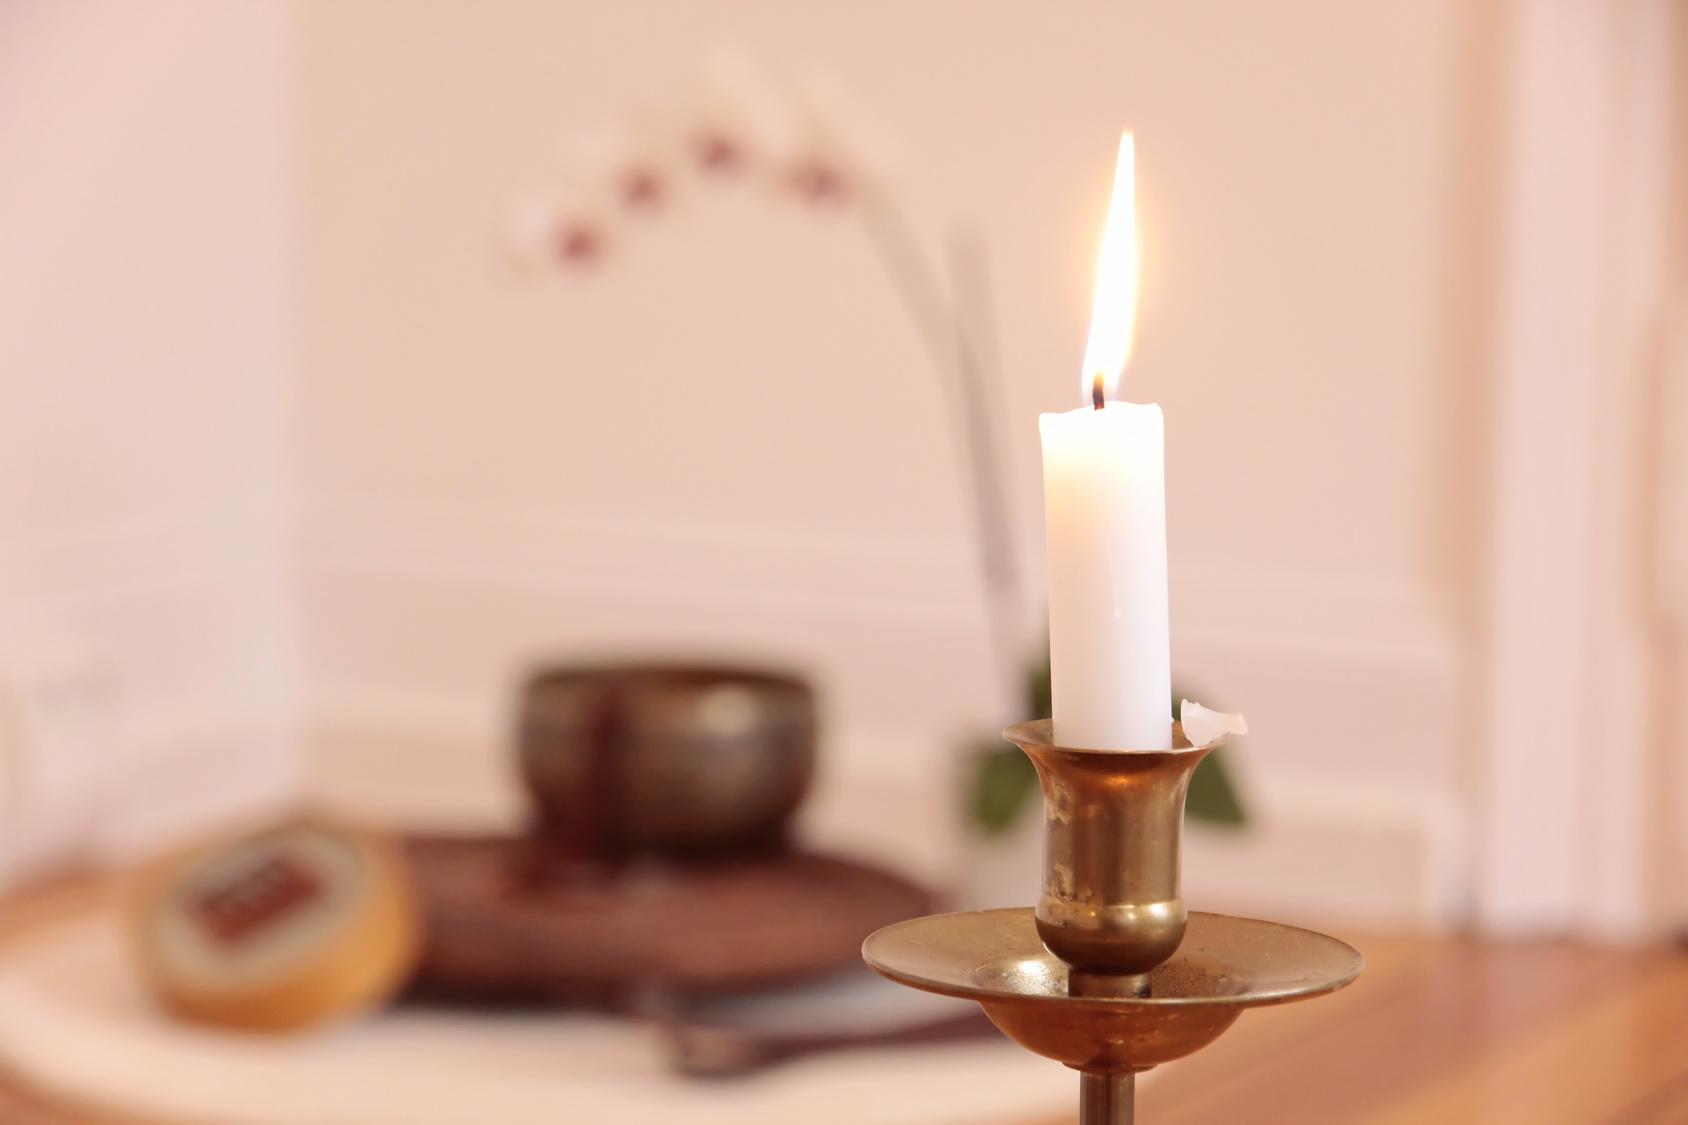 Ein Ort Der Inneren Ruhe: Einen Meditationsraum In Den Eigenen Vier Wänden  Einrichten